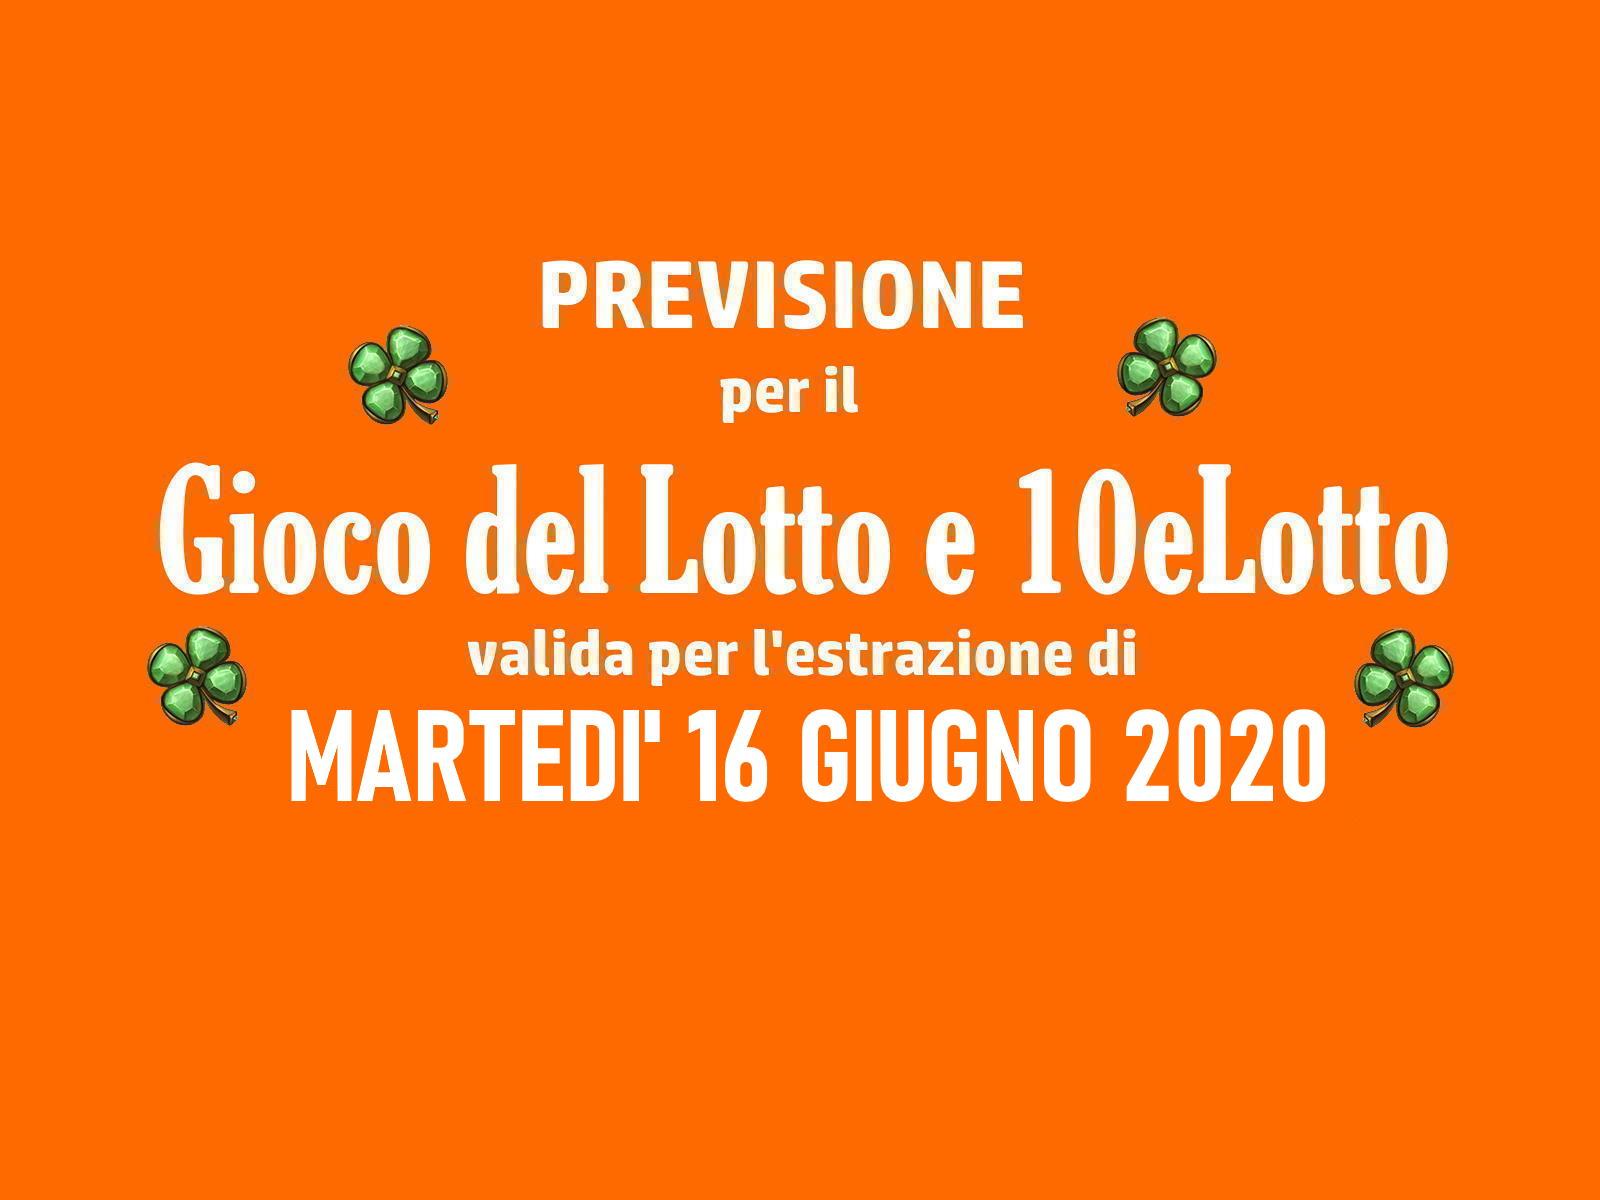 Previsione Lotto 16 Giugno 2020